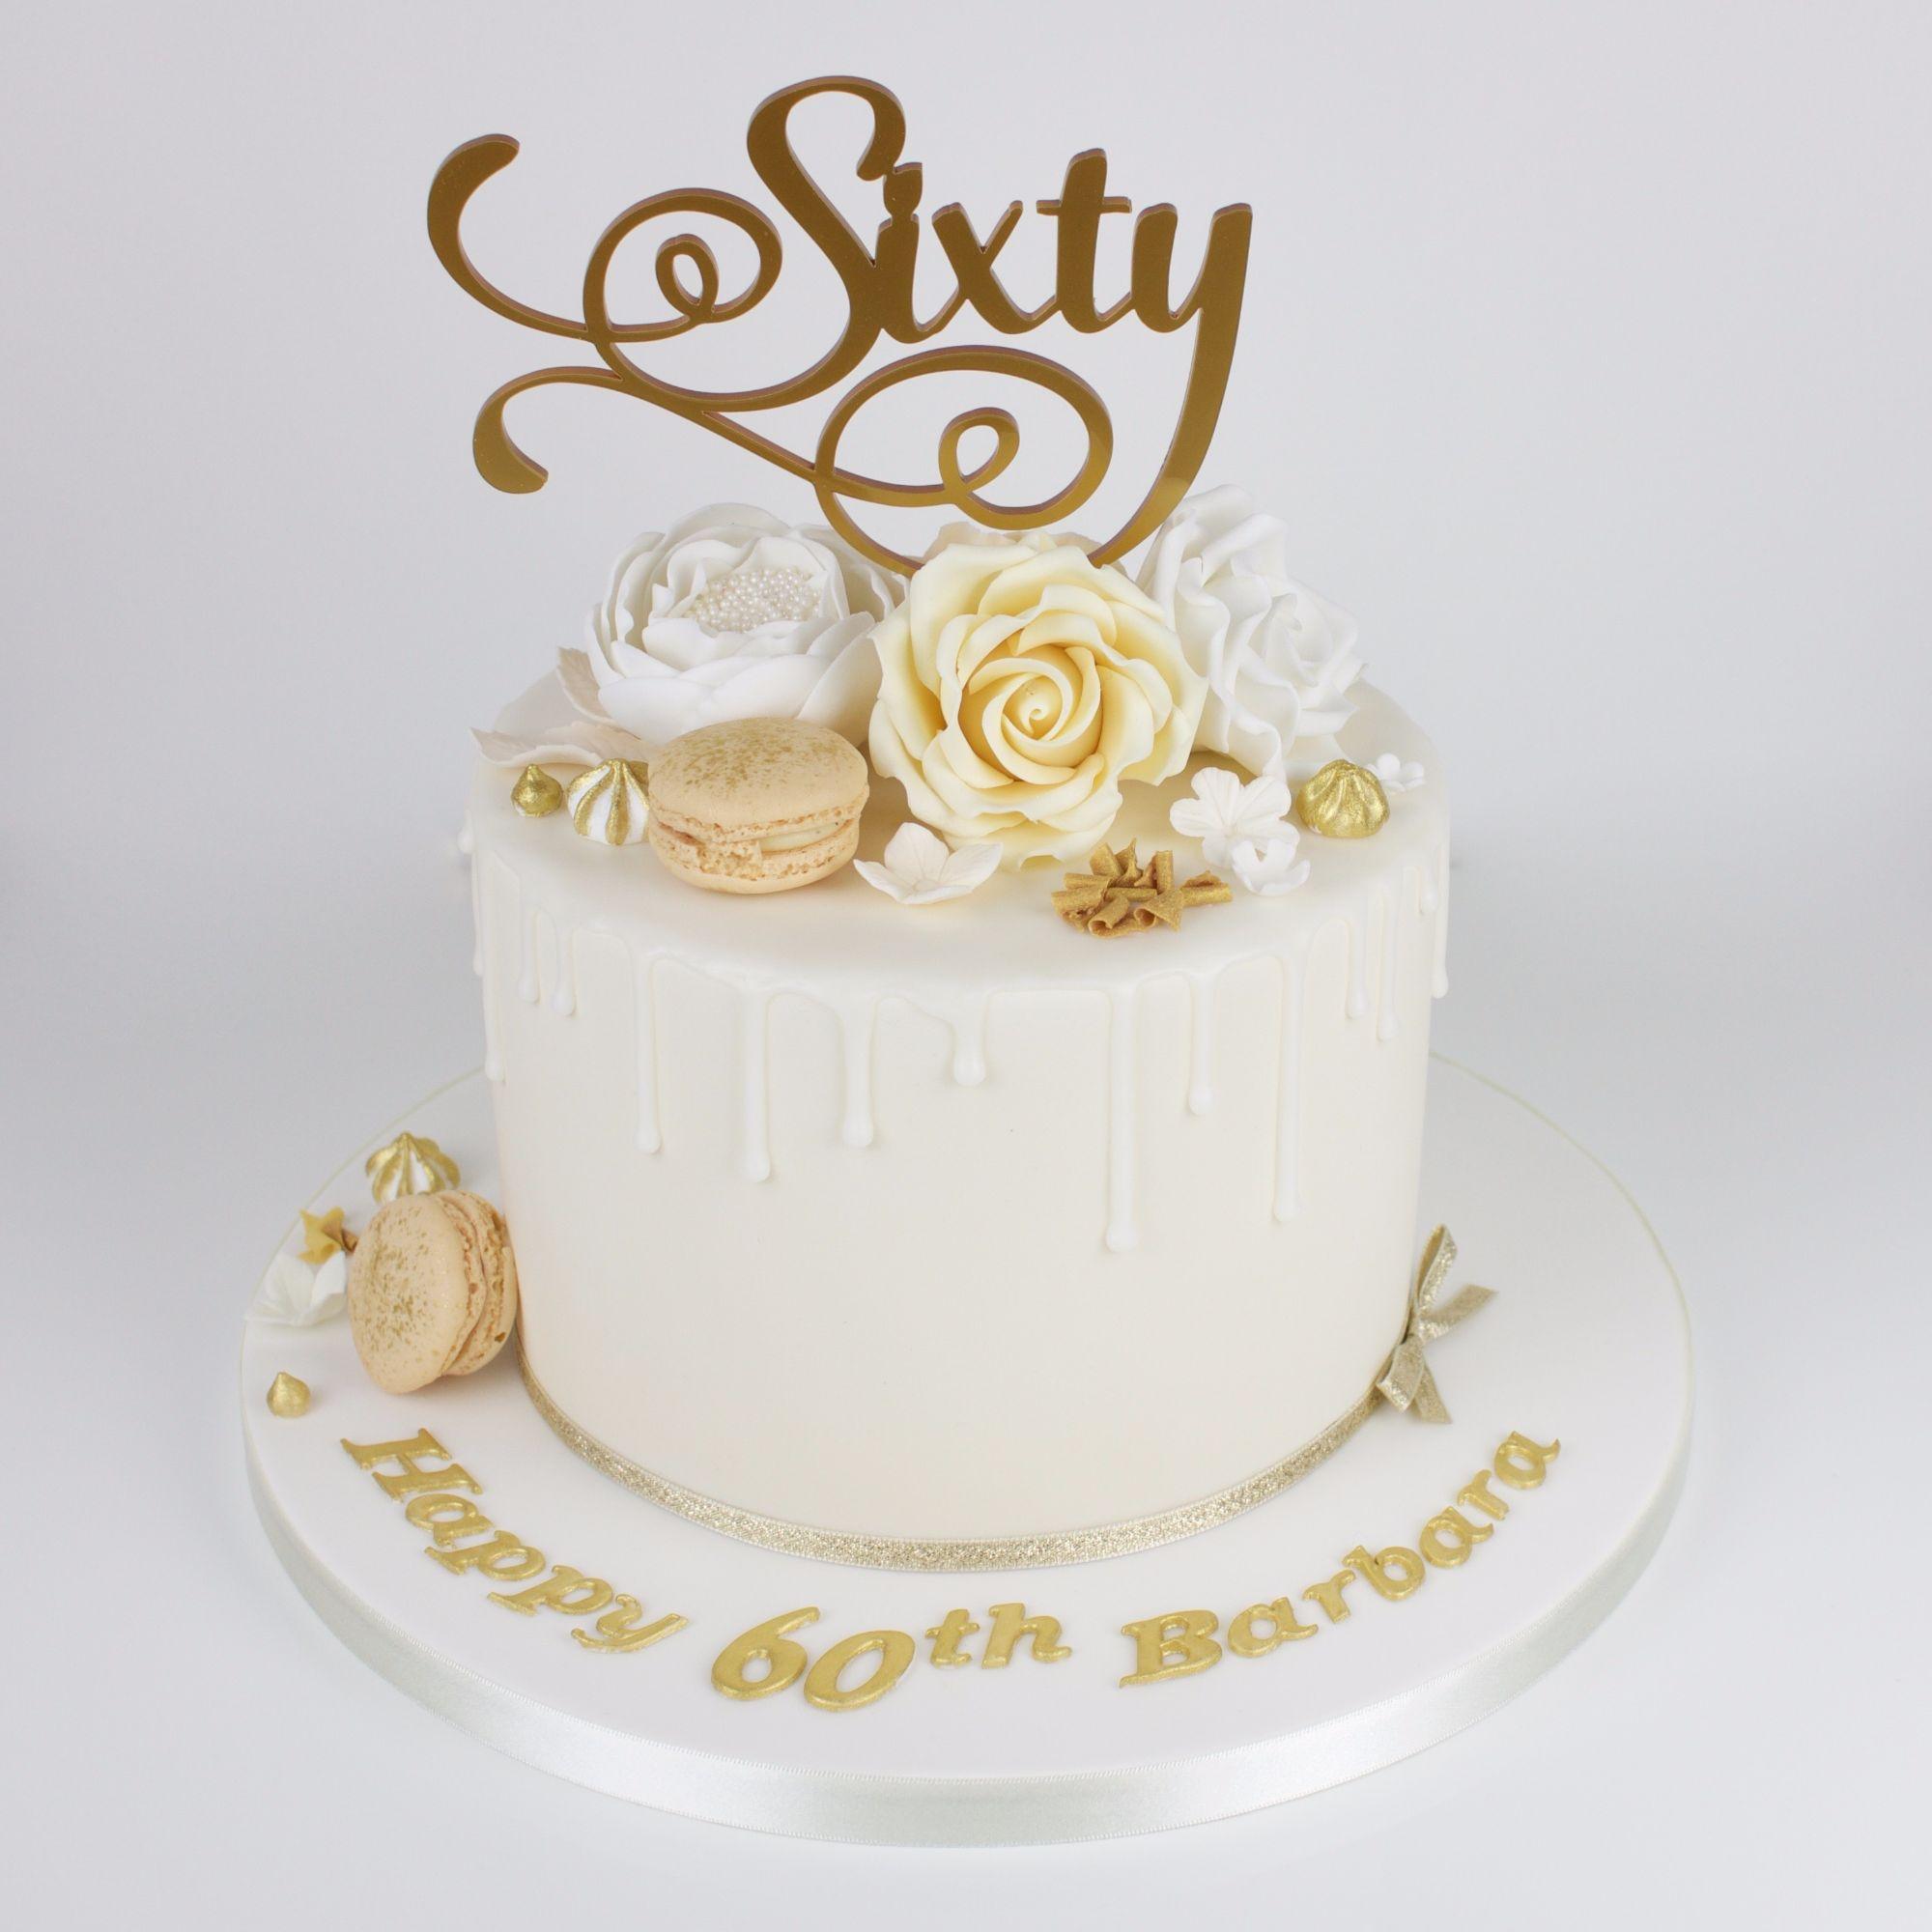 Sixty drip cake.